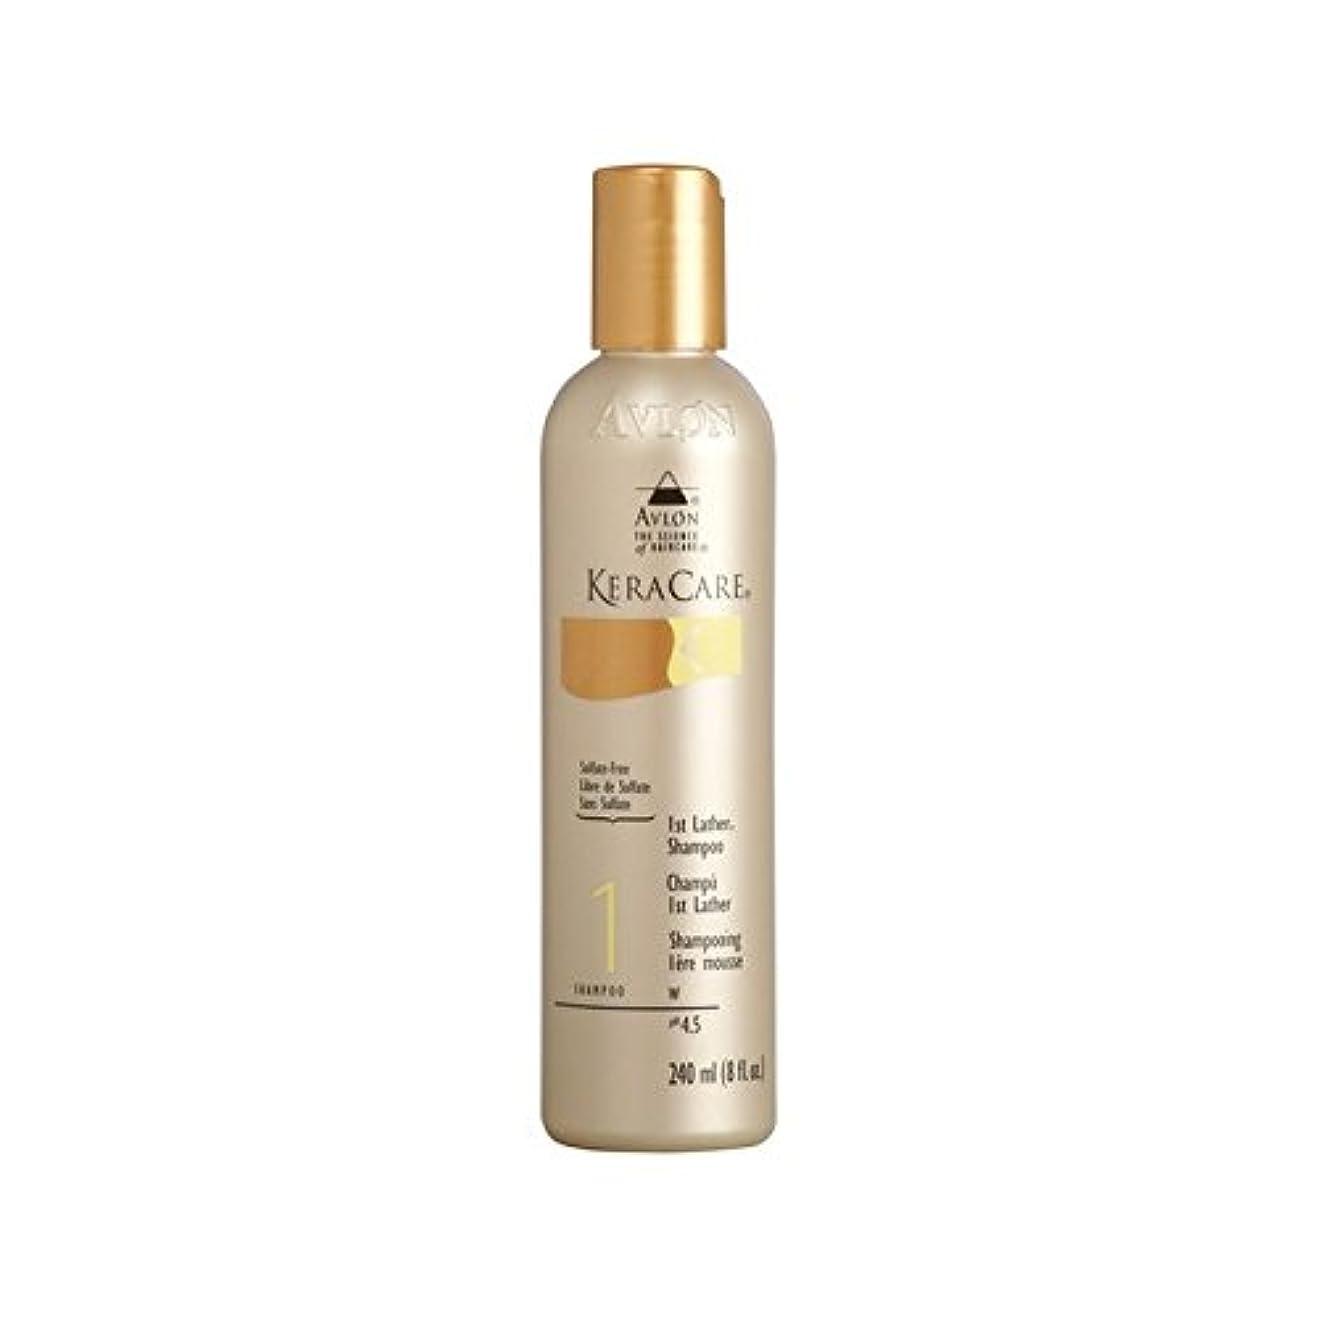 参照葉巻昨日第一泡立ちのシャンプー(240ミリリットル) x2 - Keracare 1St Lather Shampoo (240ml) (Pack of 2) [並行輸入品]